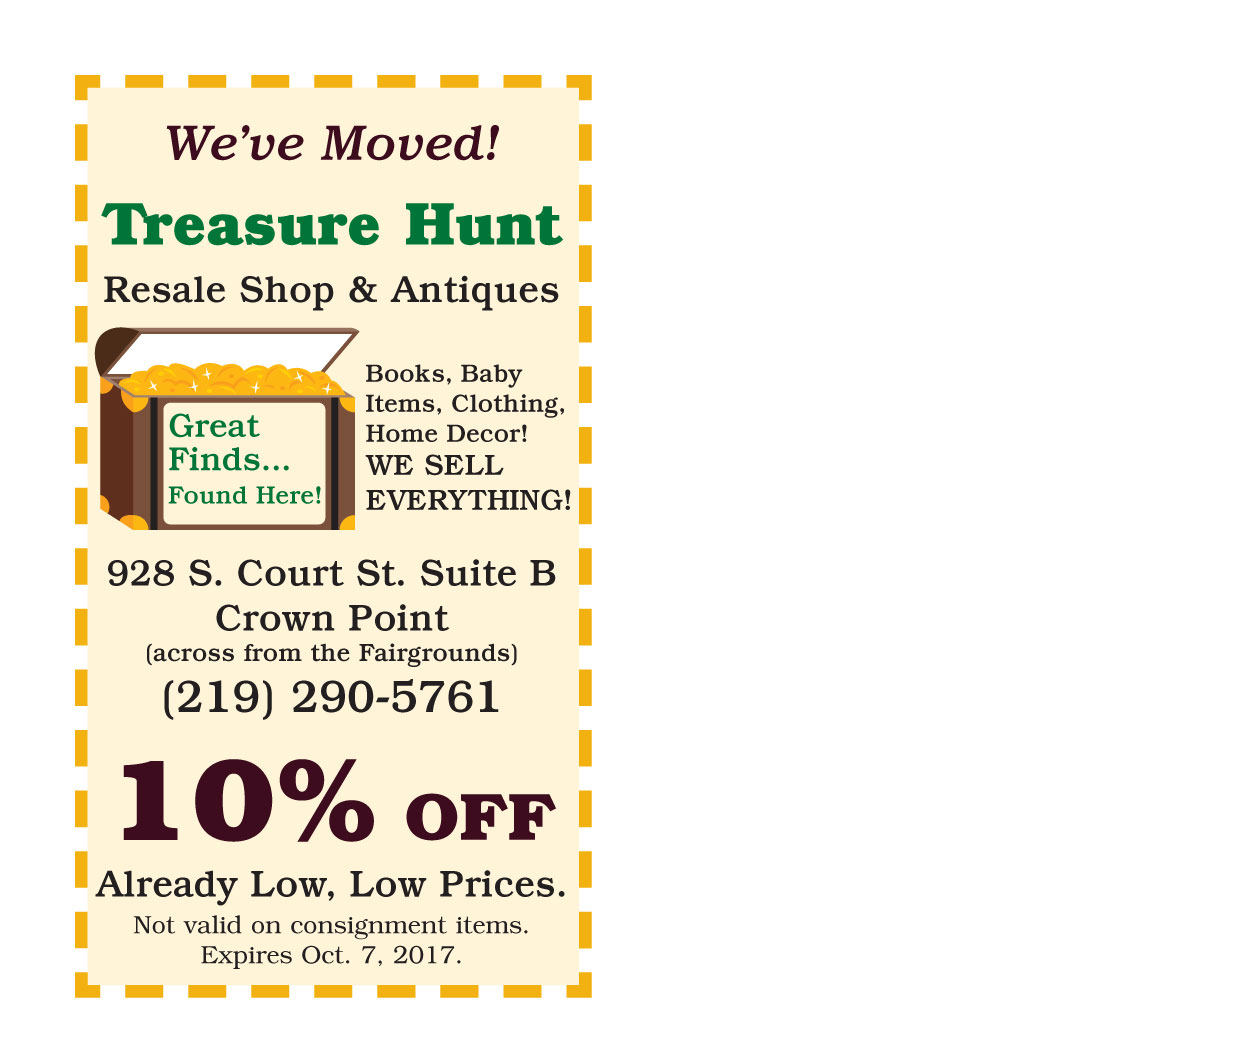 Hunt a killer coupon code